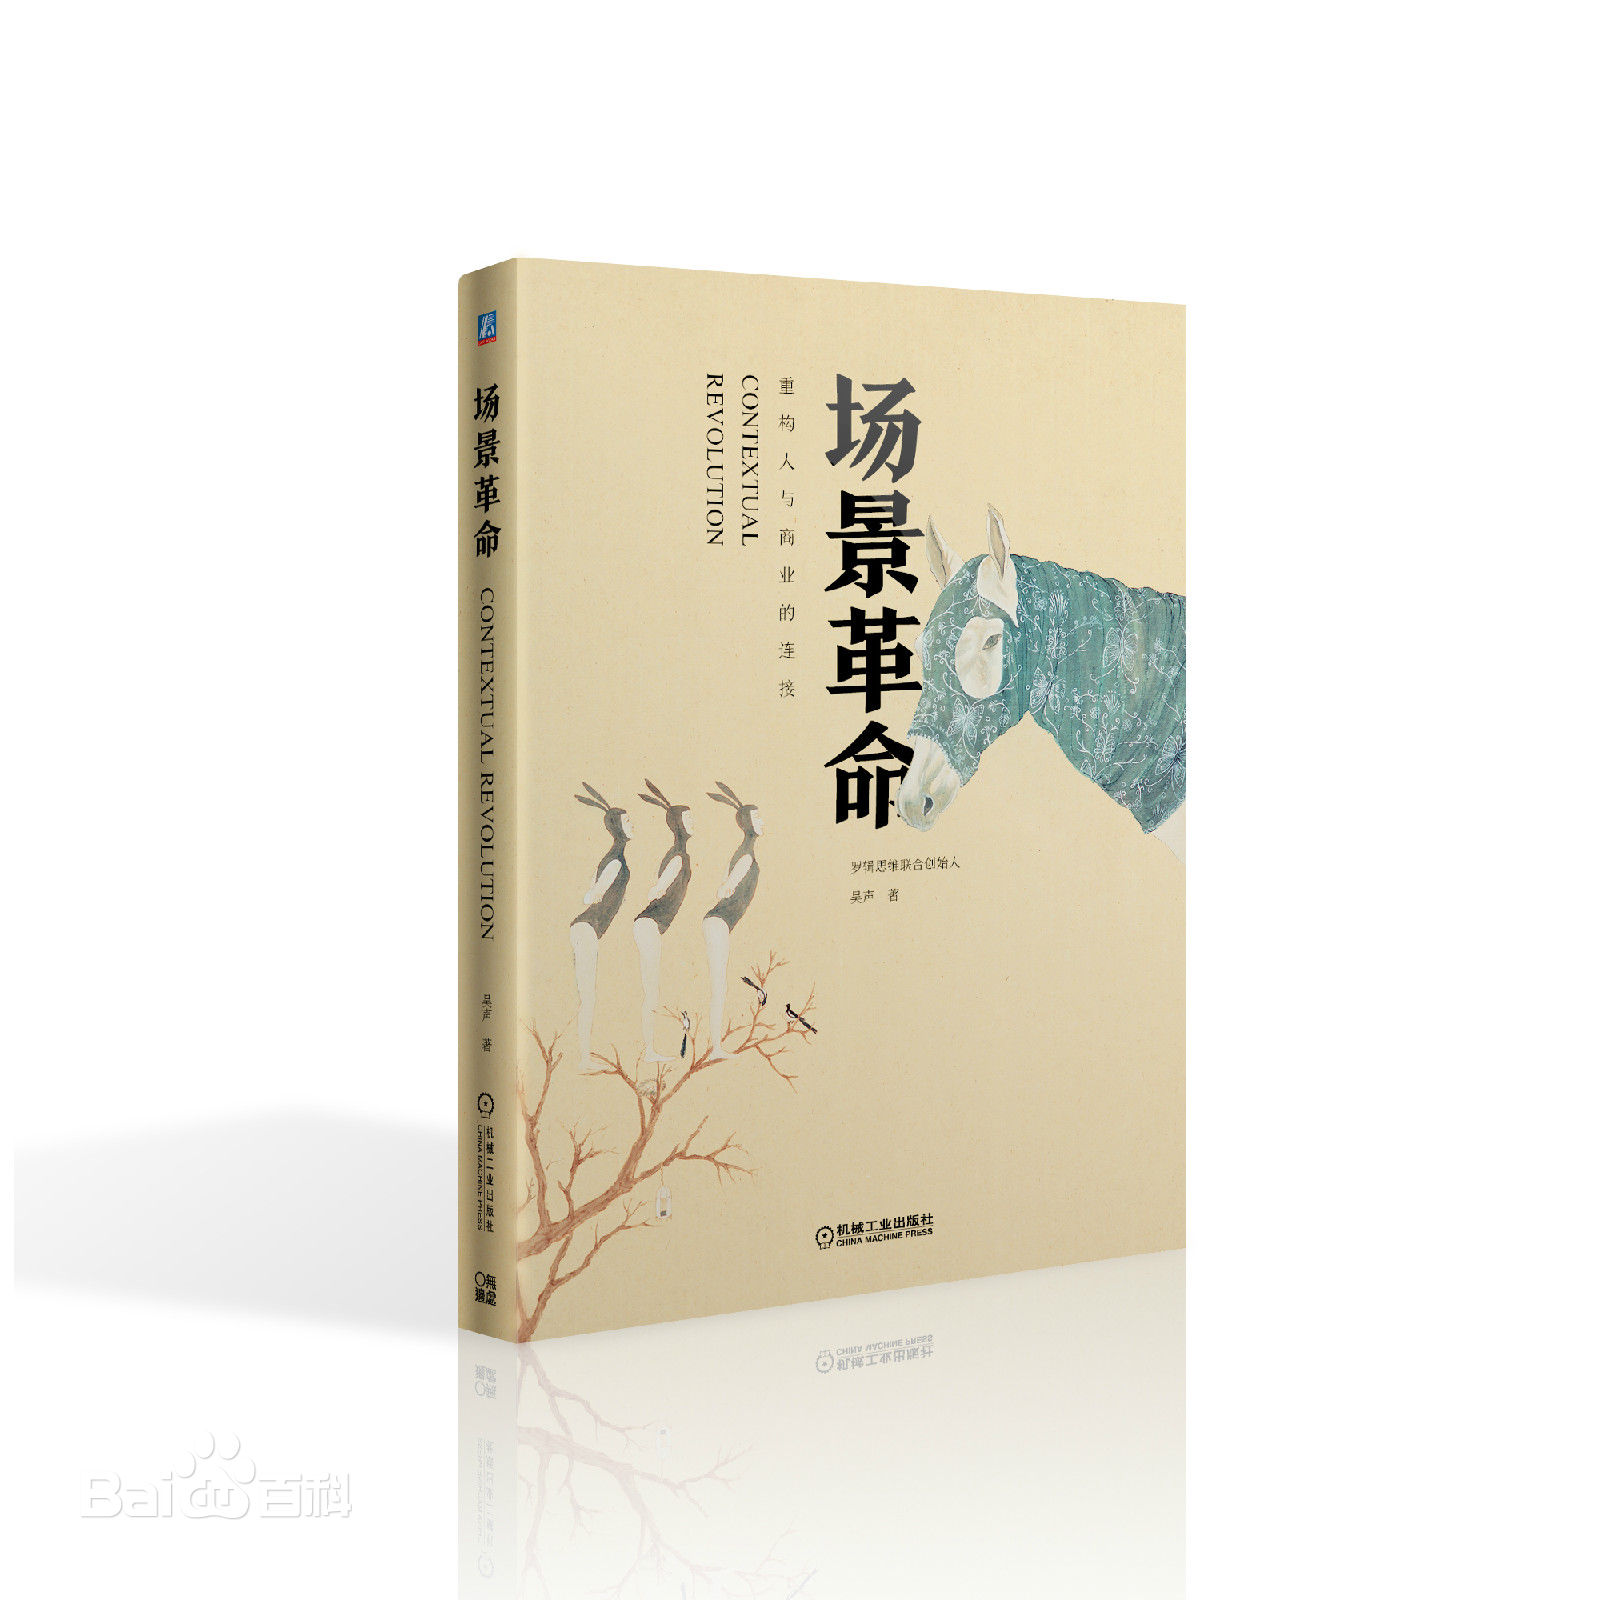 《场景革命》PDF电子书